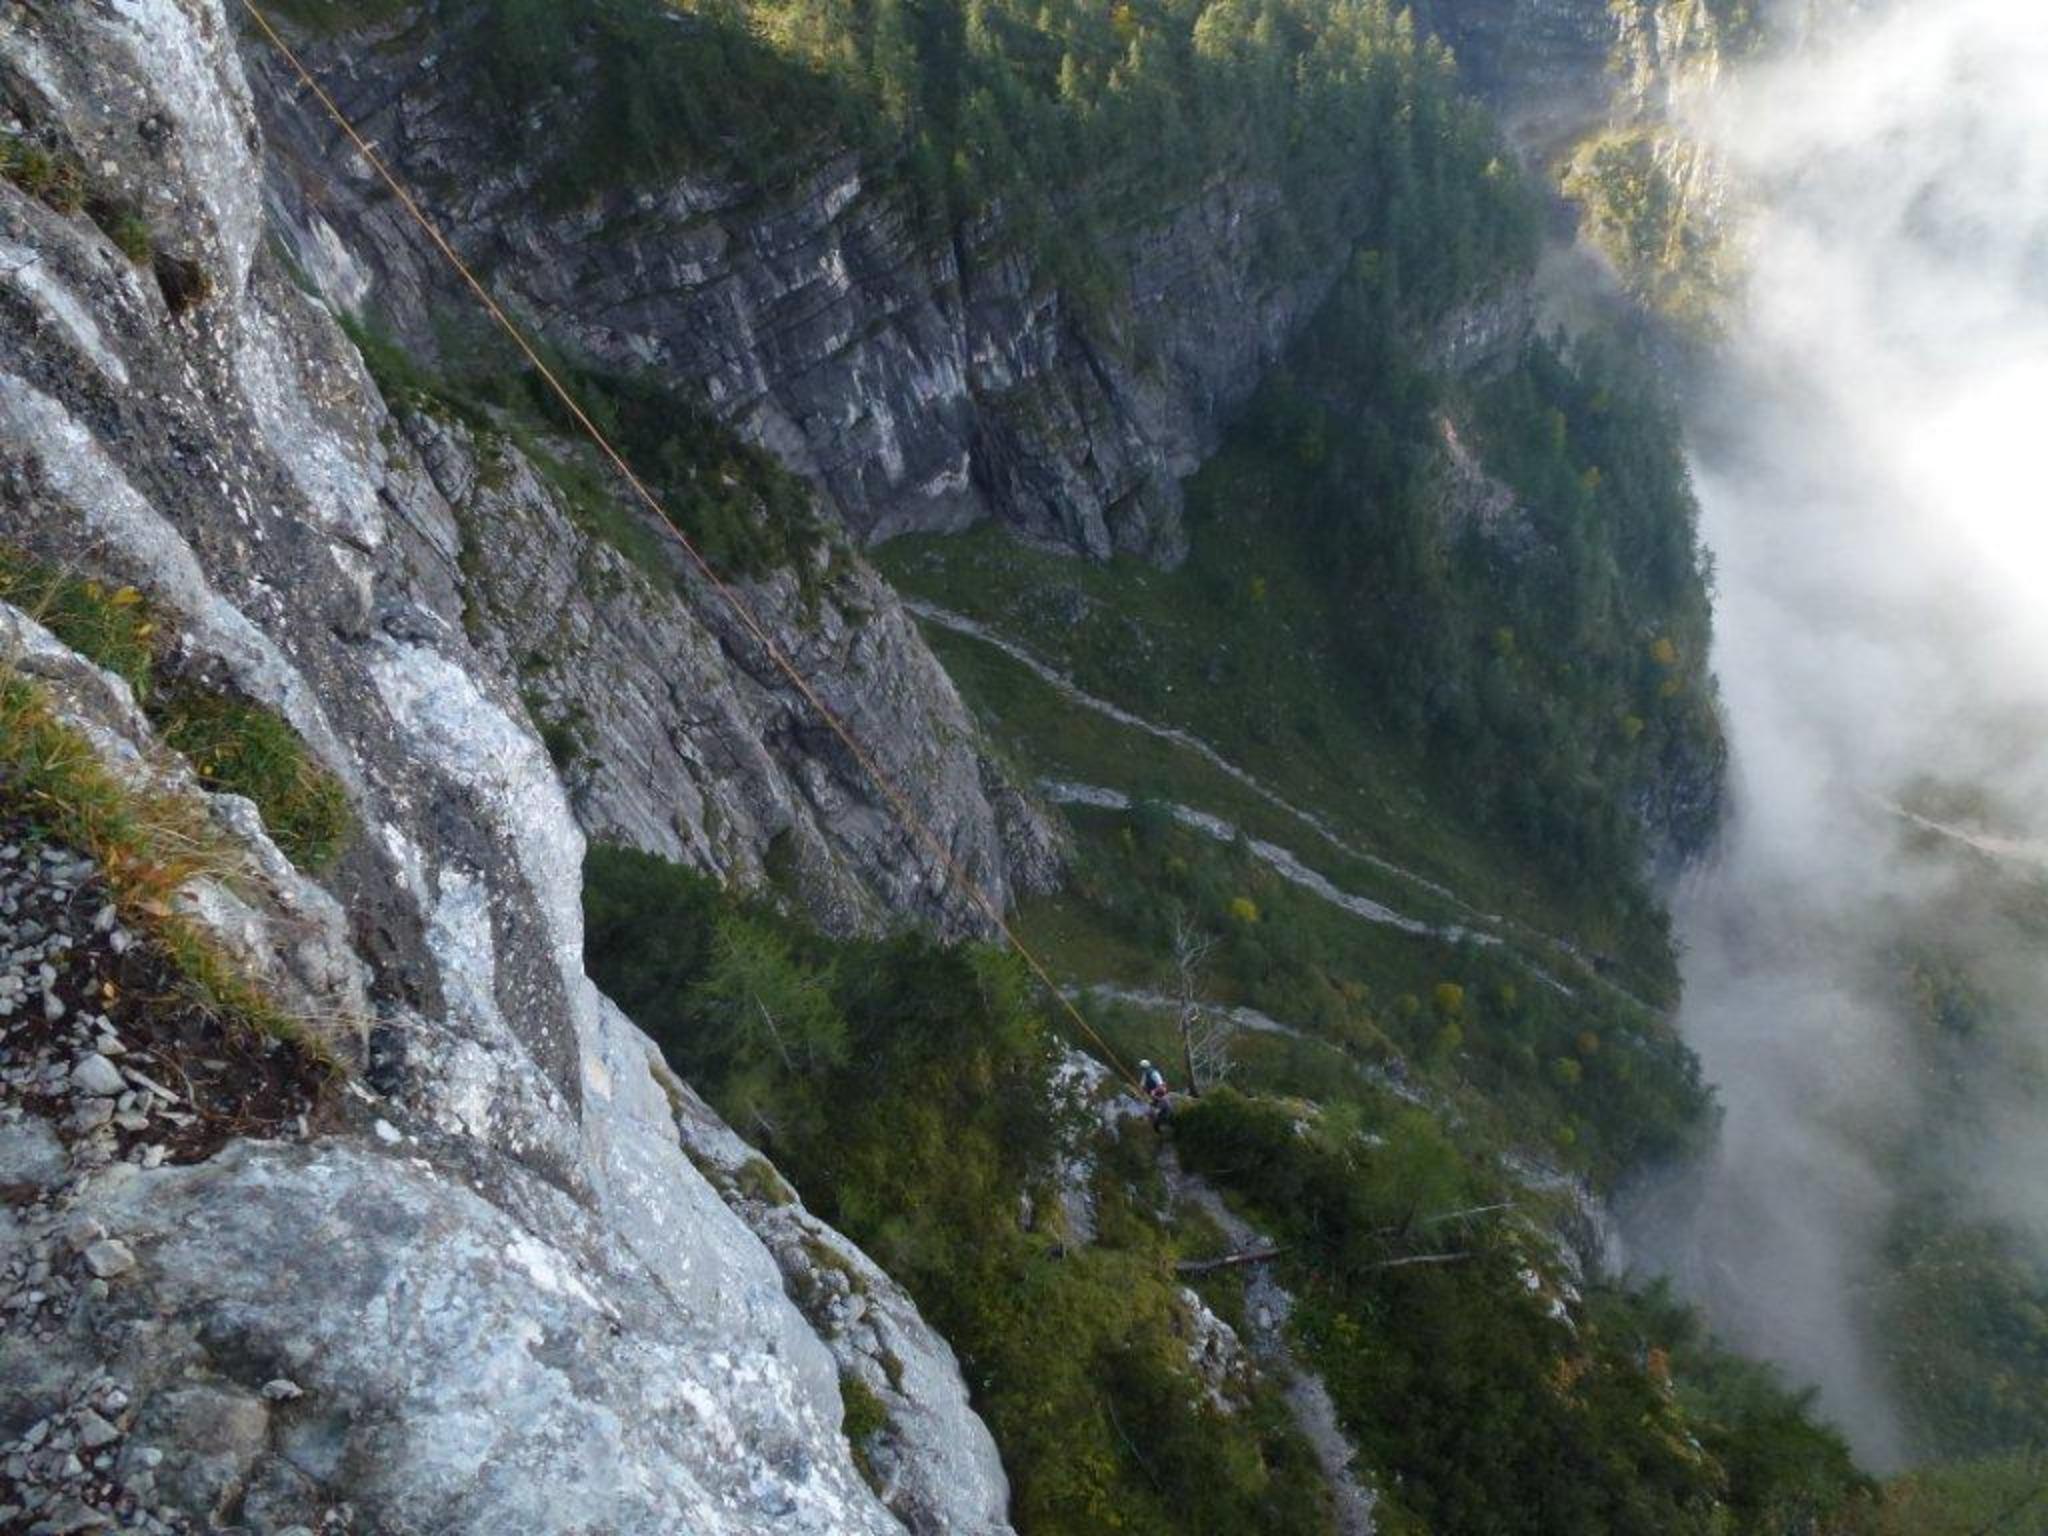 Klettersteig Seewand : Spektakuläre Übung im berüchtigten seewand klettersteig